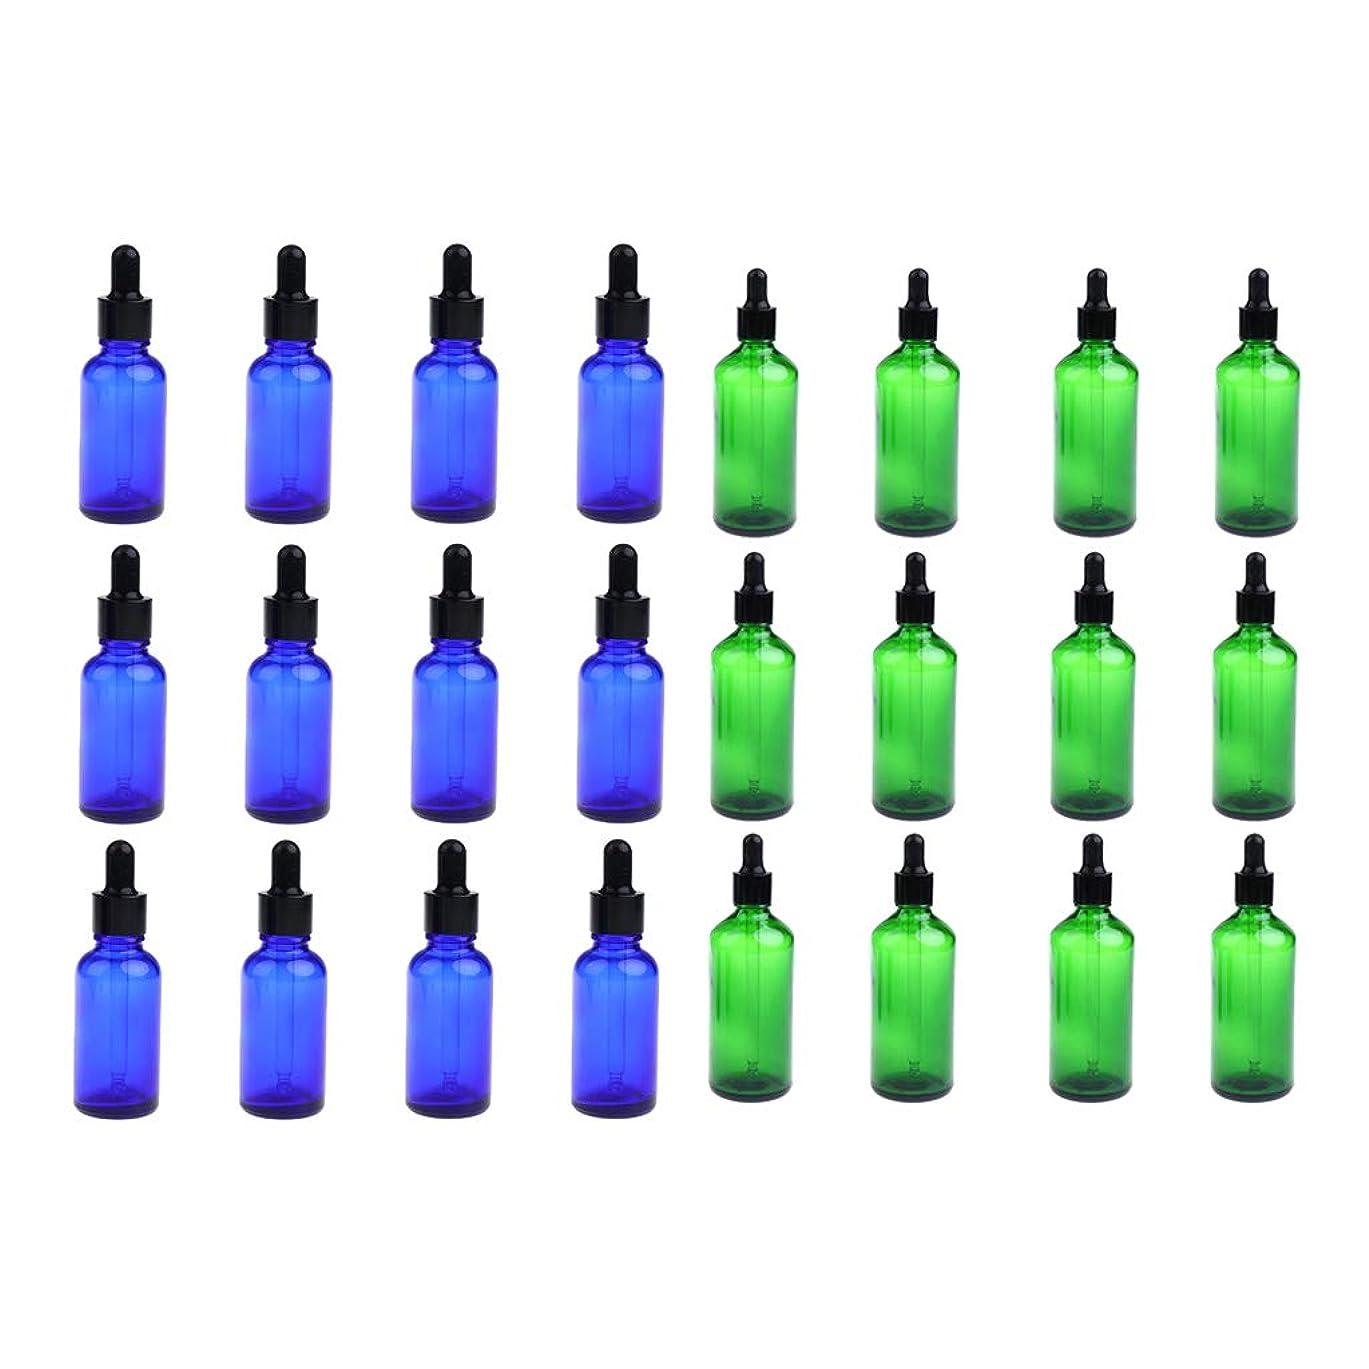 一過性旧正月全員FLAMEER 24個セット ガラスボトル スポイトボトル 空の瓶 遮光ビン 精油瓶 詰替え 旅行 30ミリ 緑+青